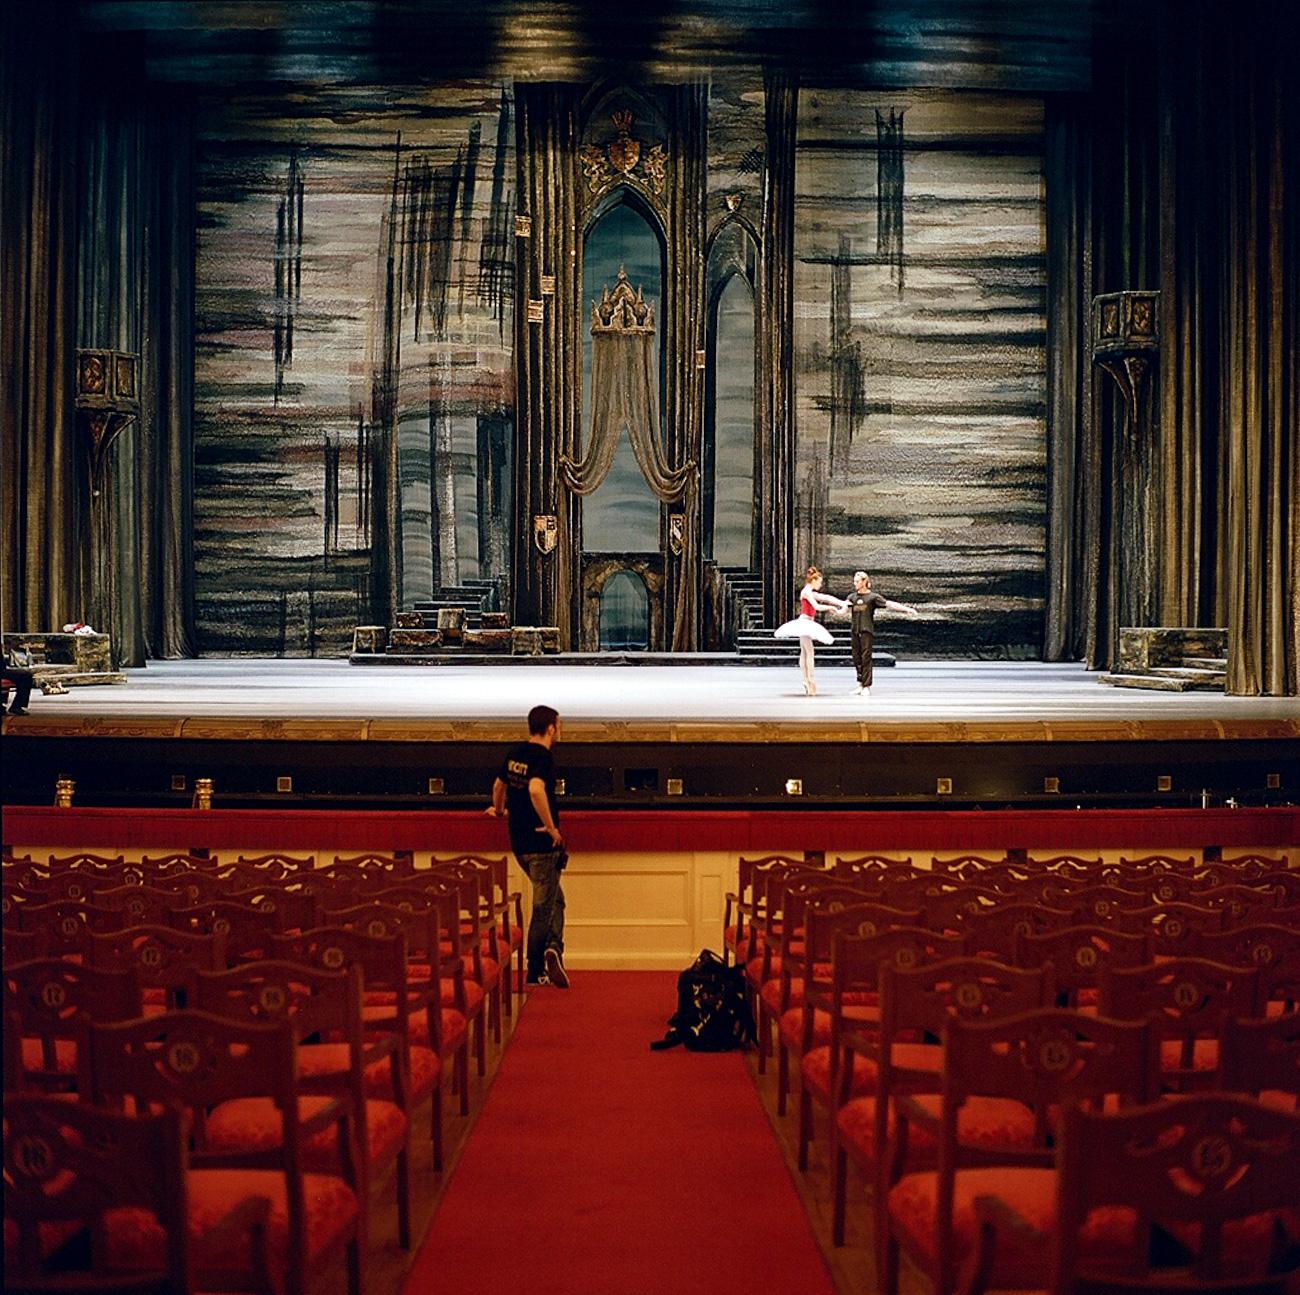 La rénovation récente menée entre 2005 et 2011 a notamment porté sur des améliorations acoustiques et la recréation du décor impérial original.